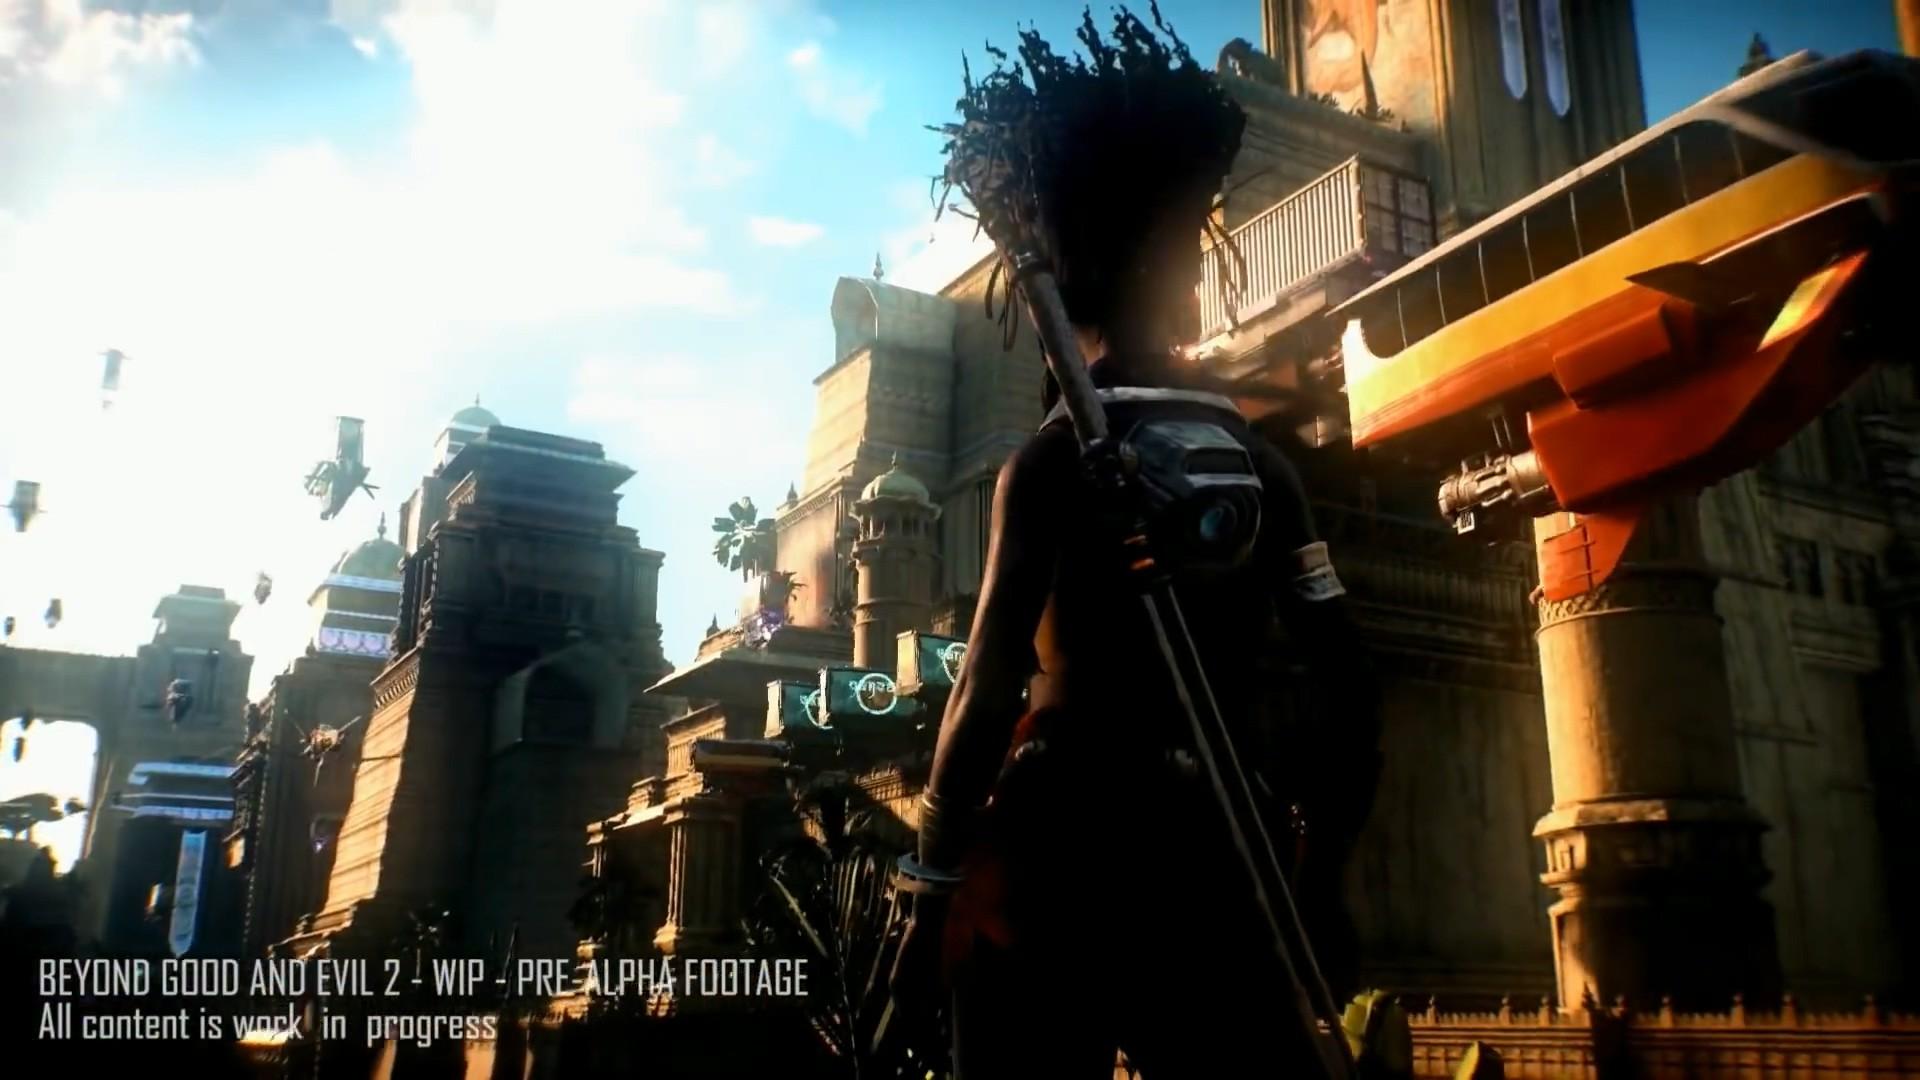 《超越善恶2》直播展示新游戏画面 近身搏斗激烈空战